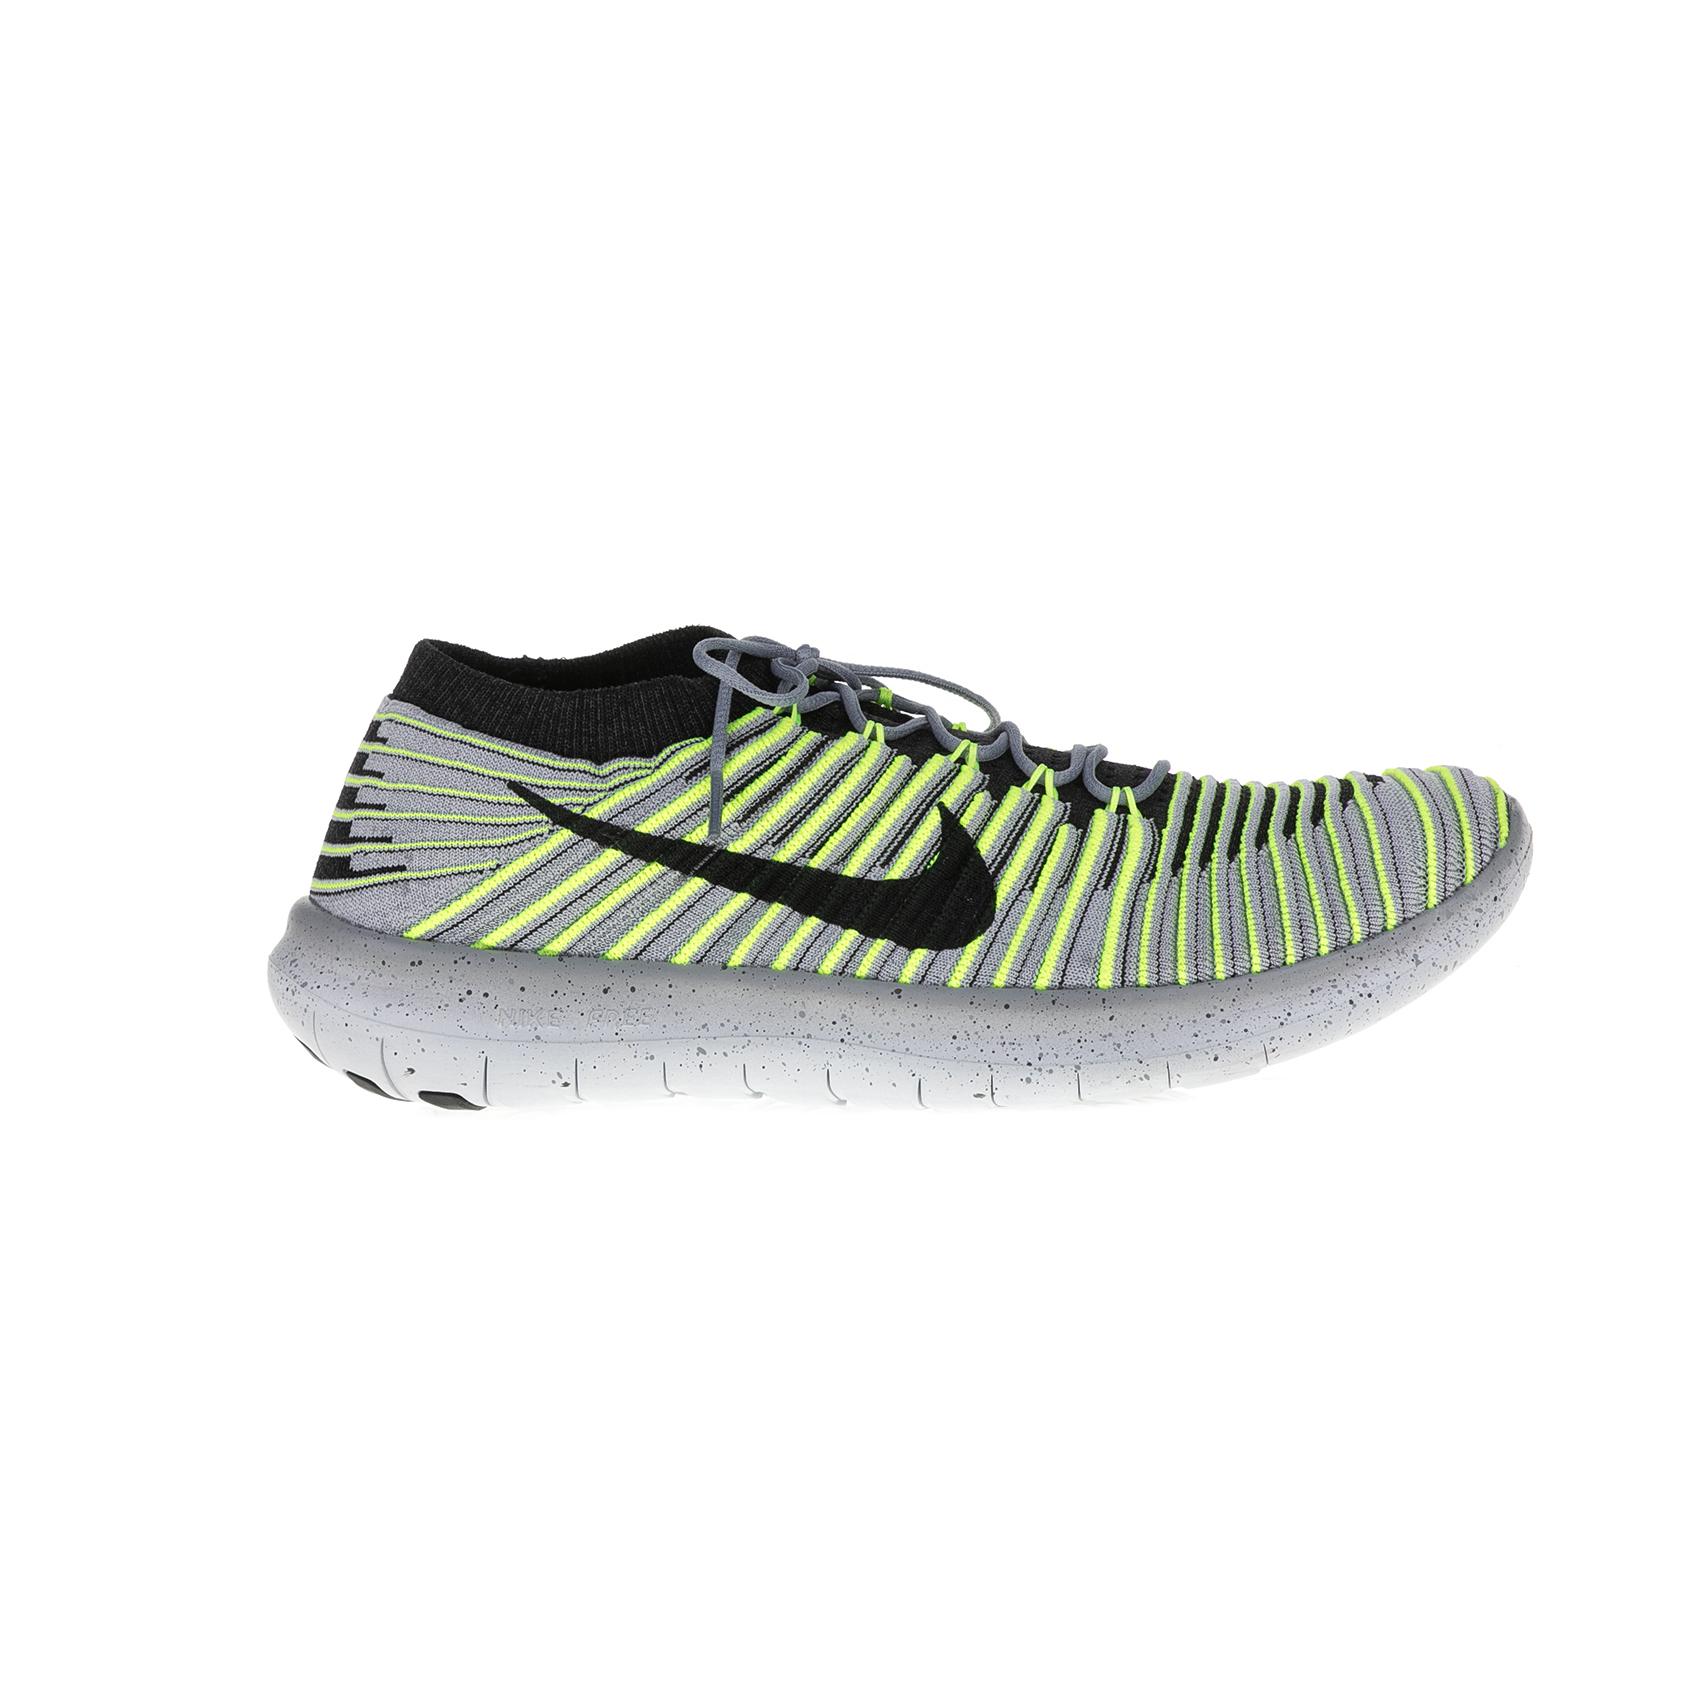 NIKE – Ανδρικά αθλητικά παπούτσια Nike FREE RN MOTION FLYKNIT γκρι – κίτρινα